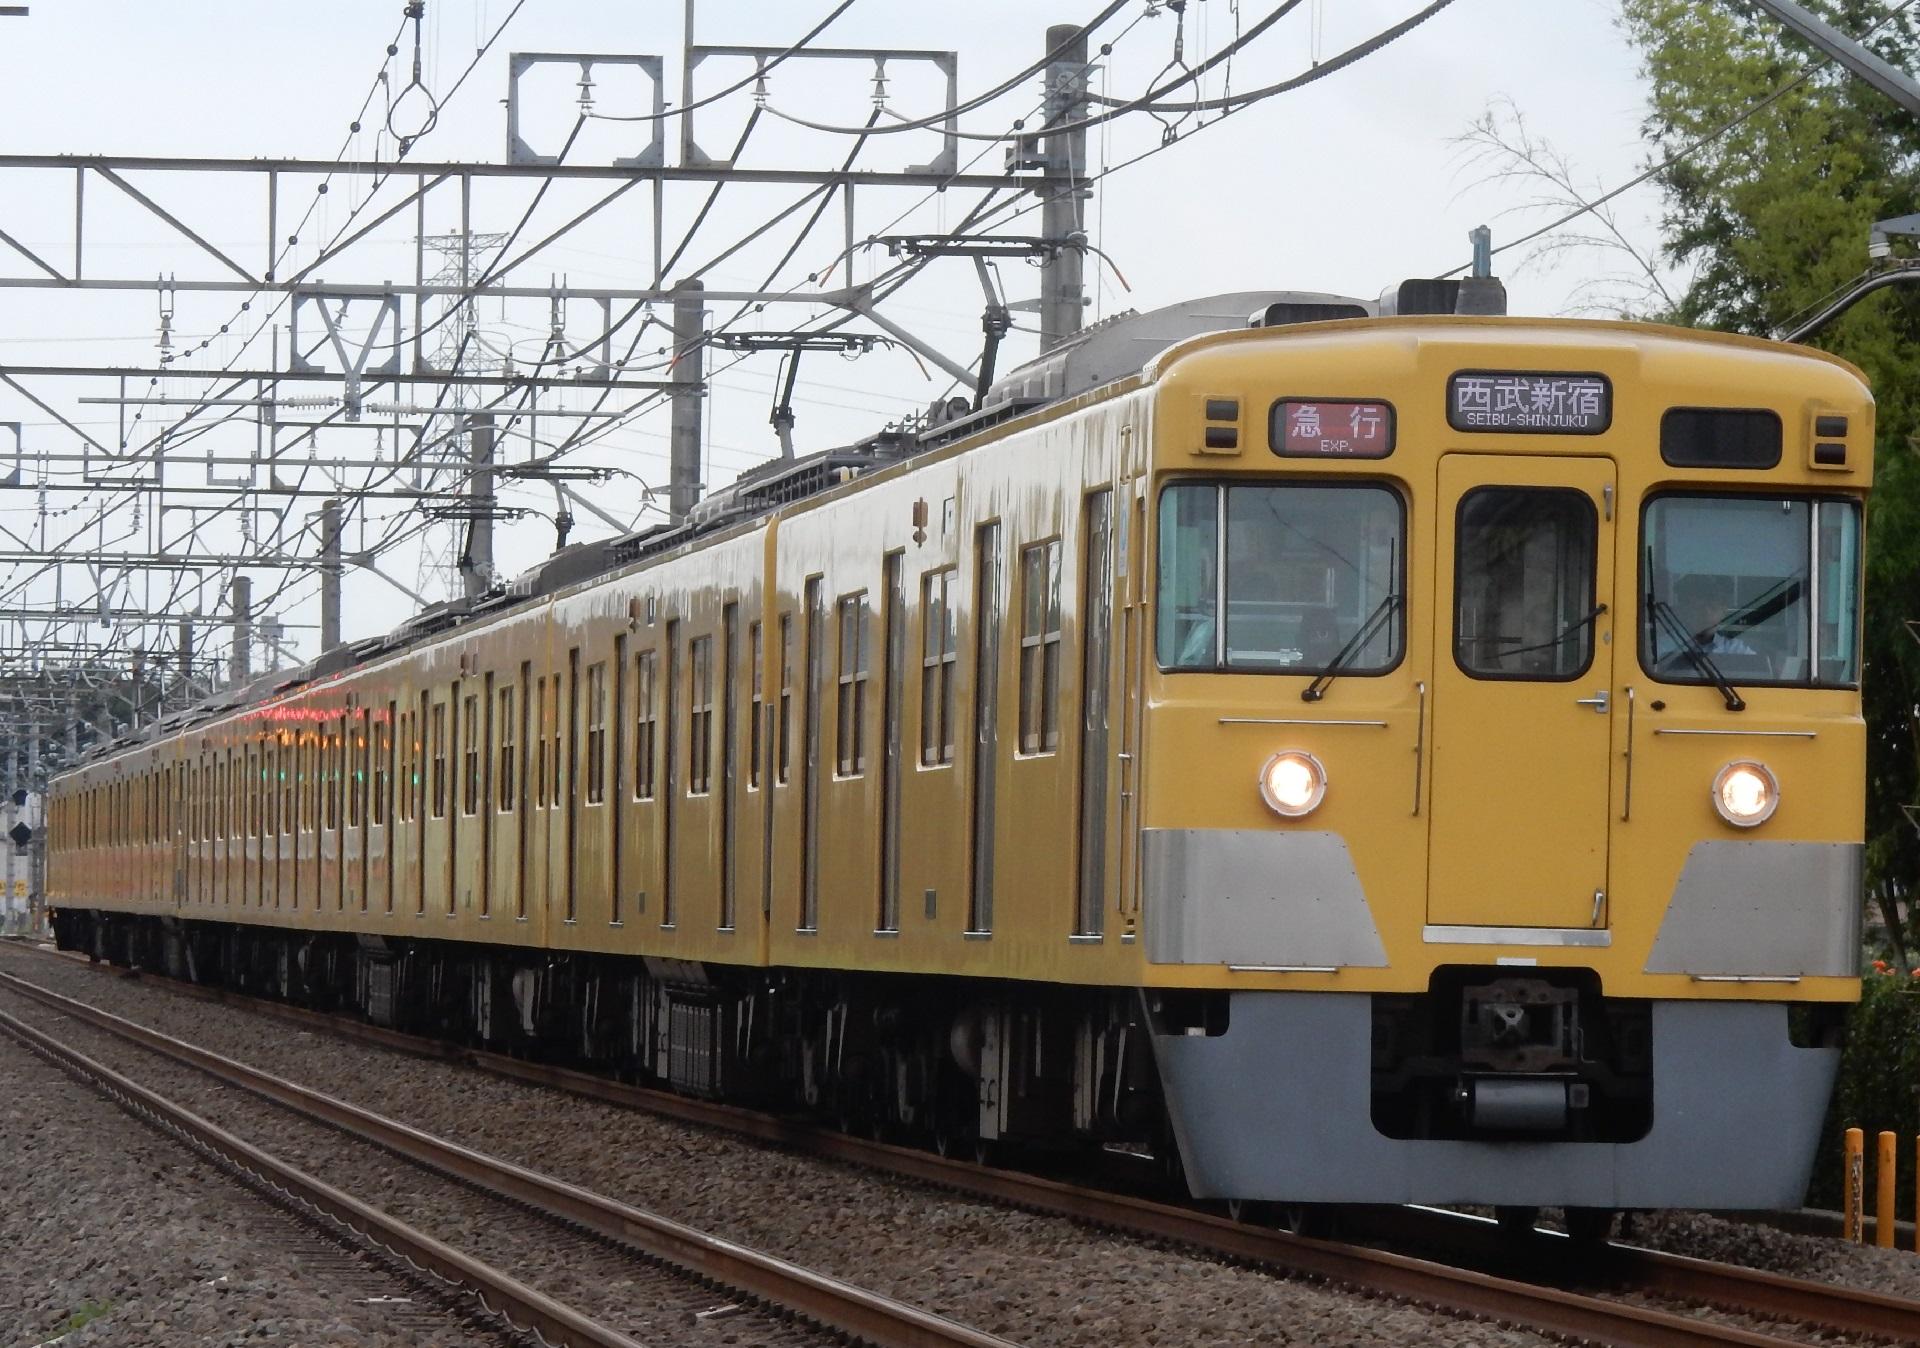 DSCN4680 - コピー